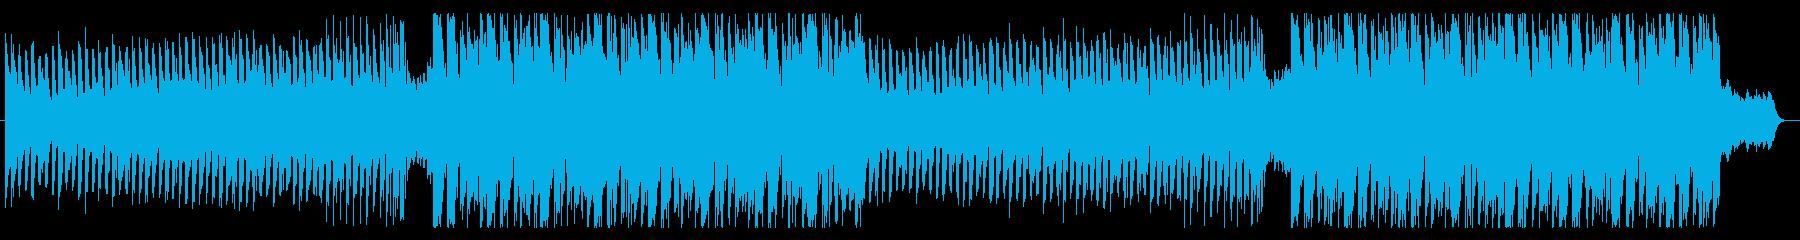 不安を感じる、緊張感漂うエレクトロの再生済みの波形